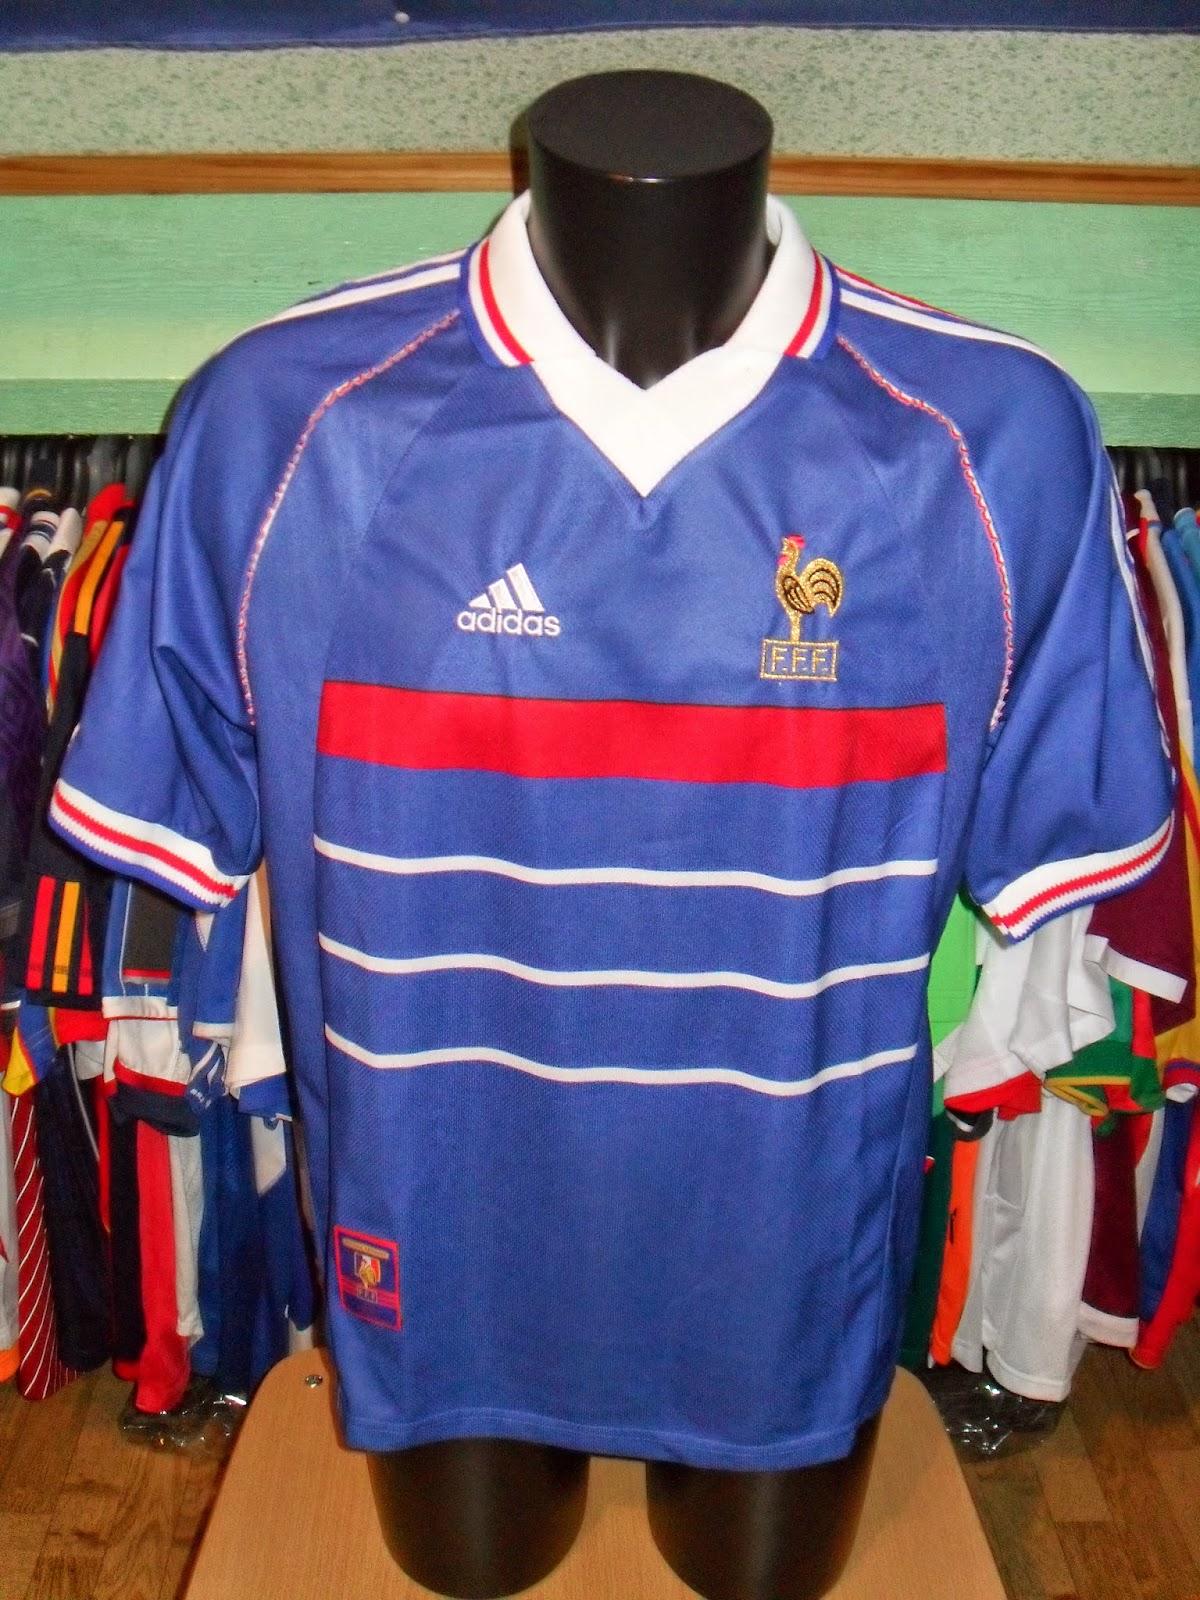 Mon grenier maillots france 1984 1998 2000 - Equipe de france 1982 coupe du monde ...